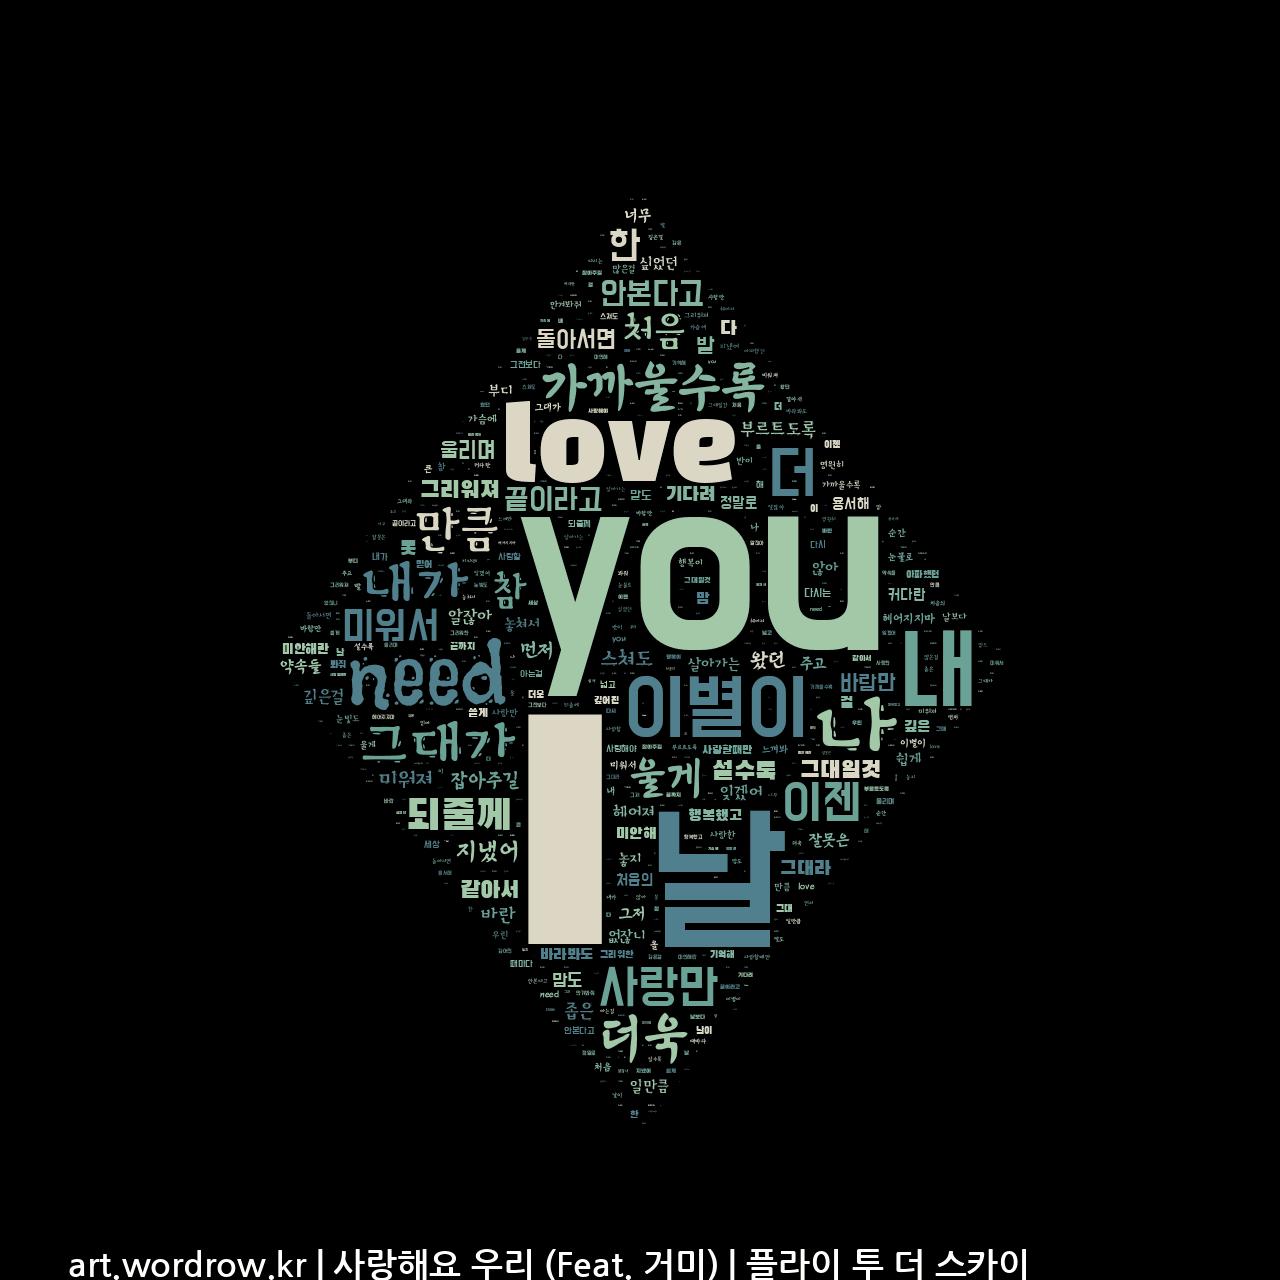 워드 아트: 사랑해요 우리 (Feat. 거미) [플라이 투 더 스카이]-8